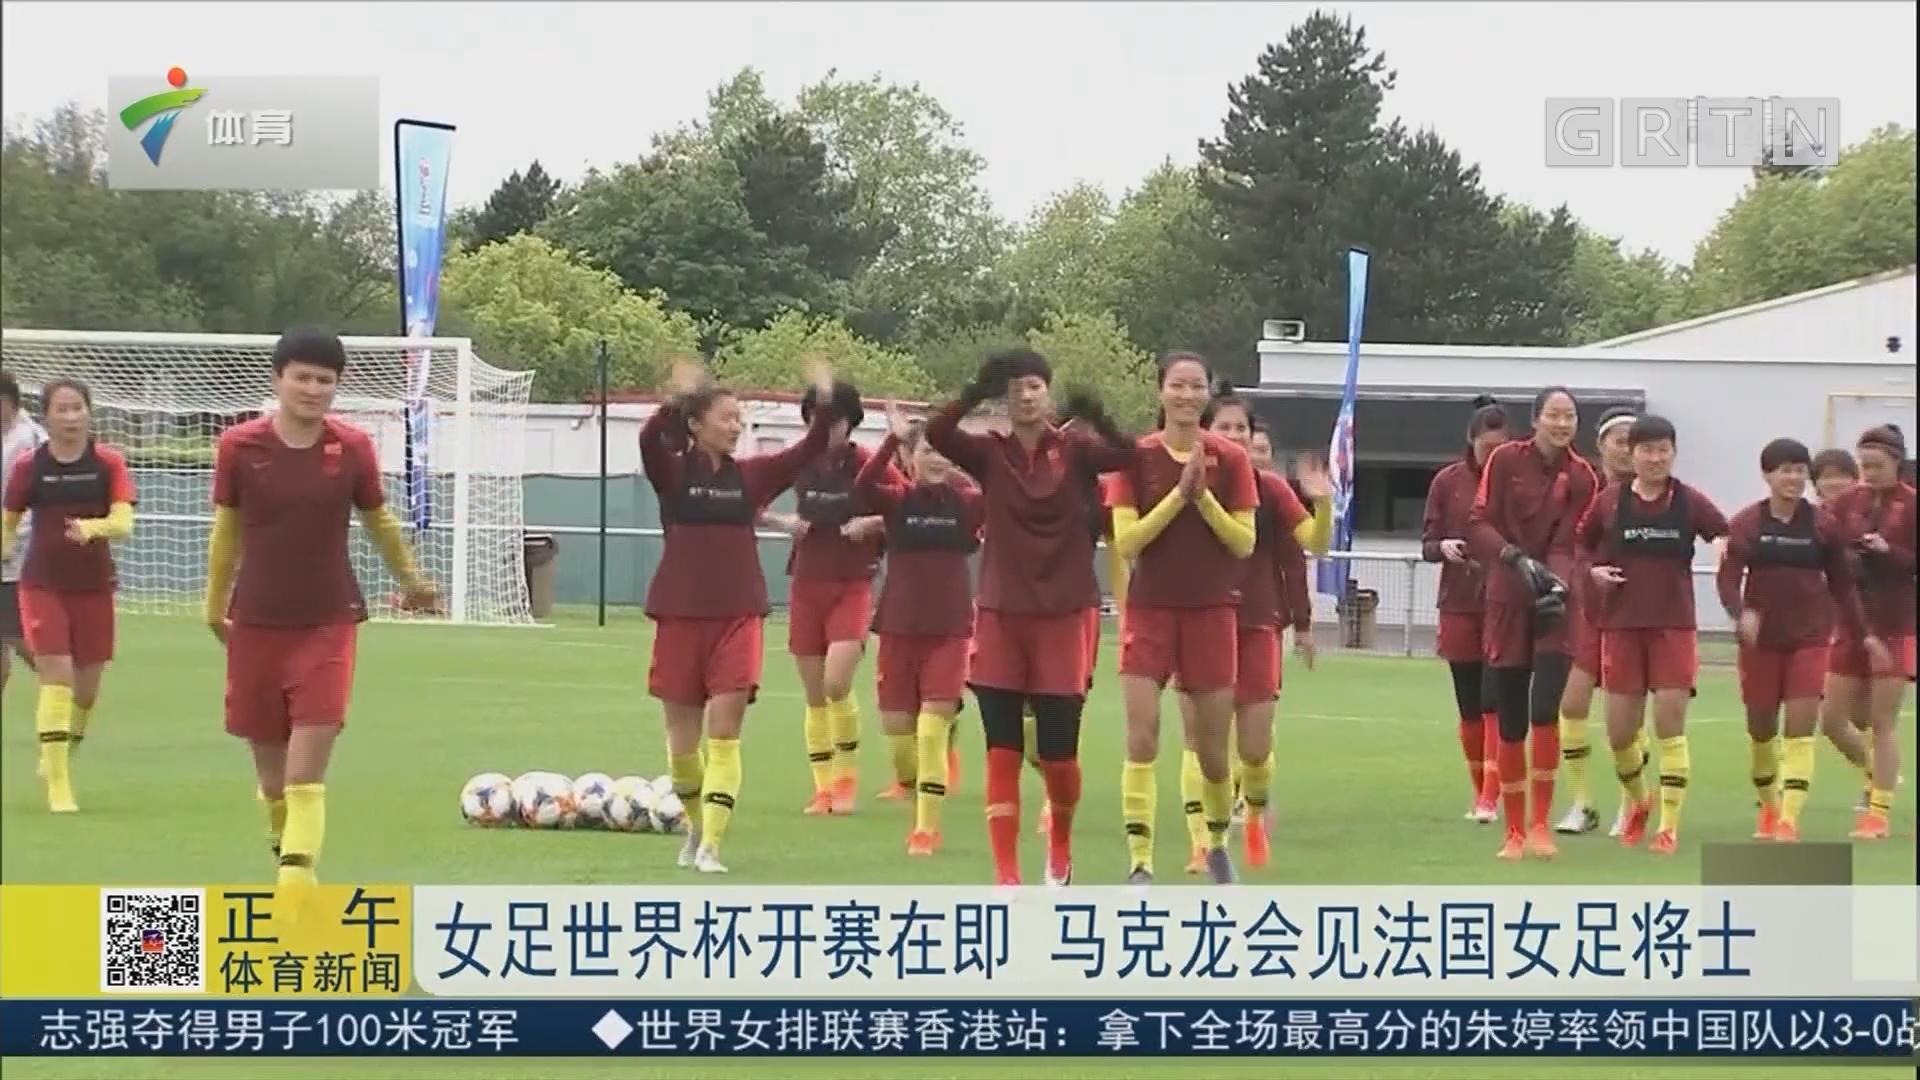 女足世界杯开赛在即 女足积极备战